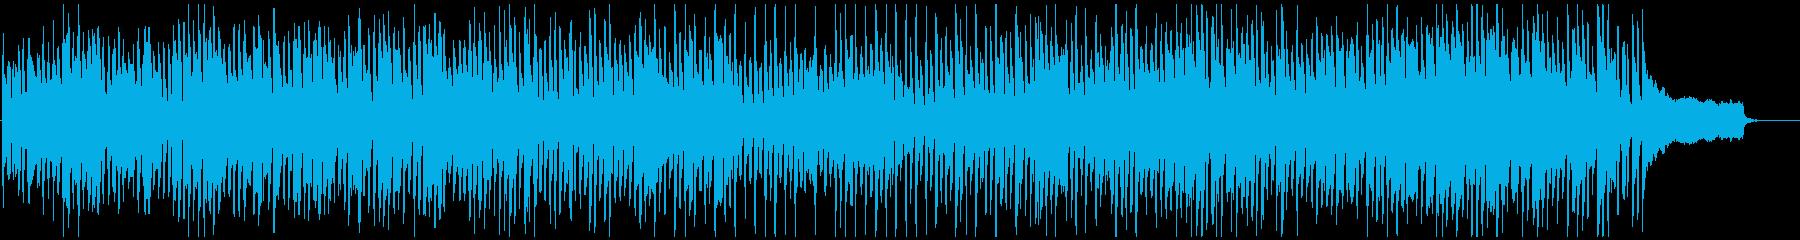 元気なペットの動画等に最適なリコーダー曲の再生済みの波形